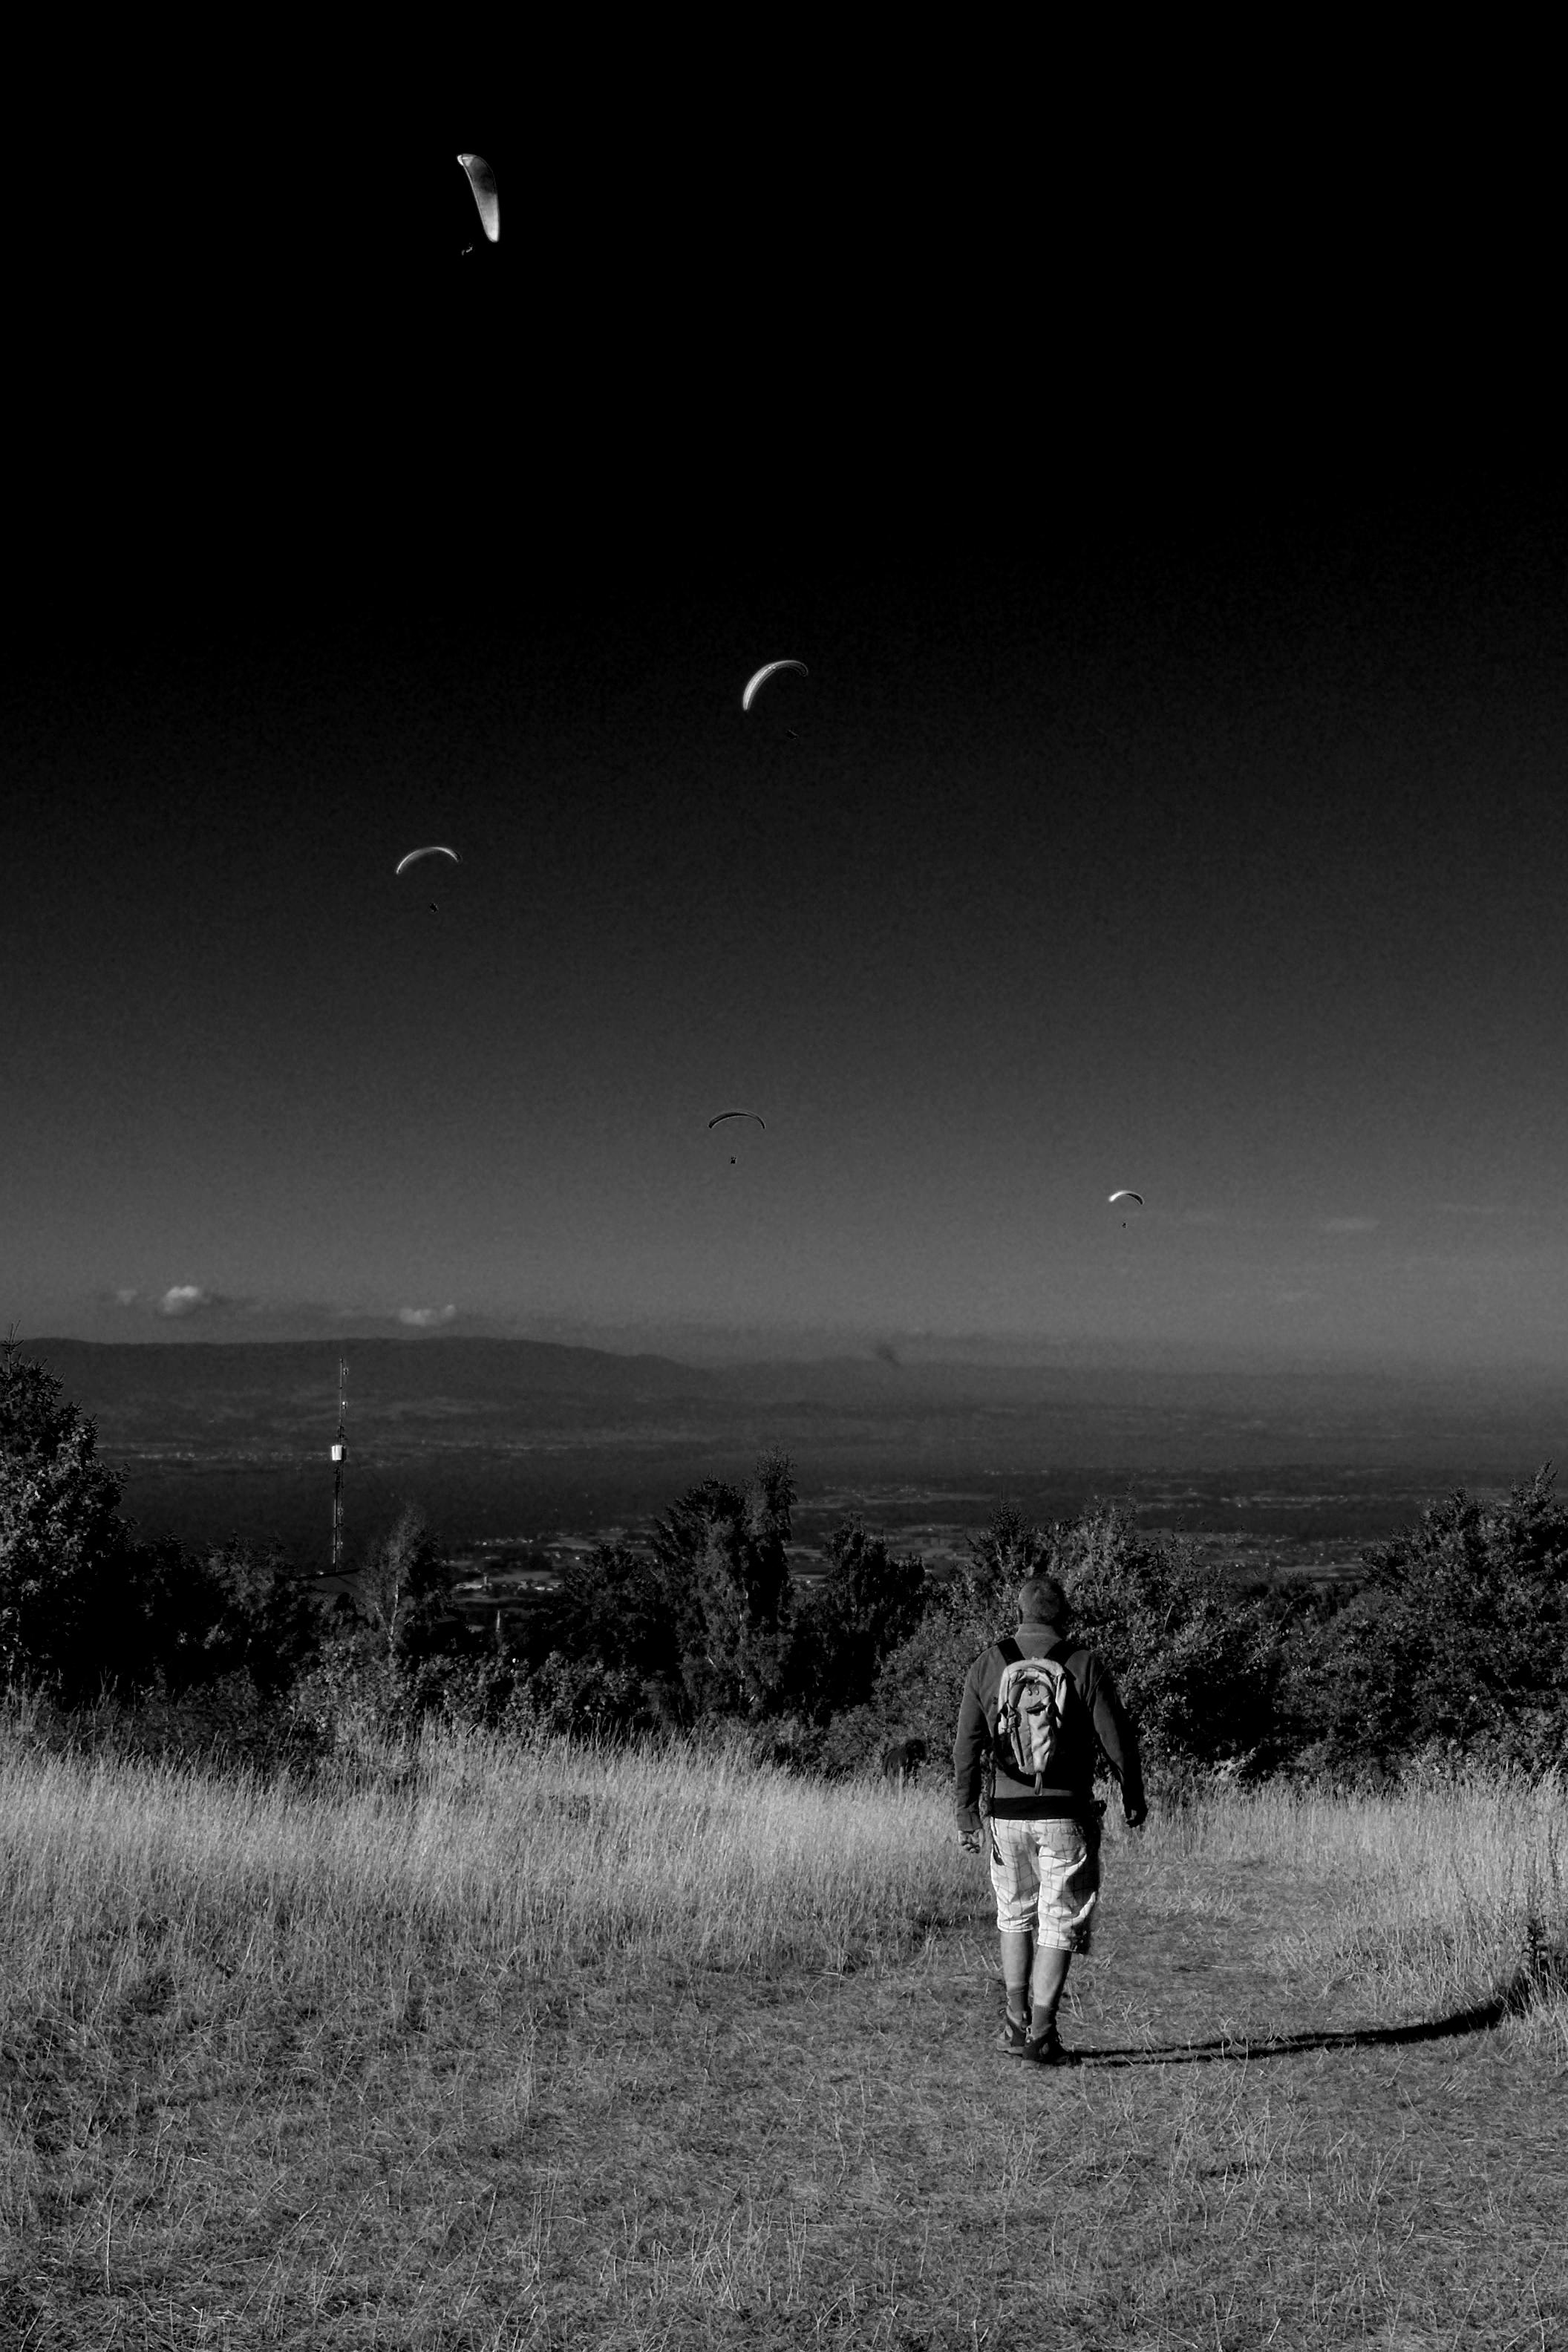 hình ảnh : Đường chân trời, đen và trắng, những người, Bầu trời, đêm, không khí, bóng tối, Đơn sắc, mặt trăng, Ánh trăng, Chụp ảnh đường phố, Bw, đen trắng, ...